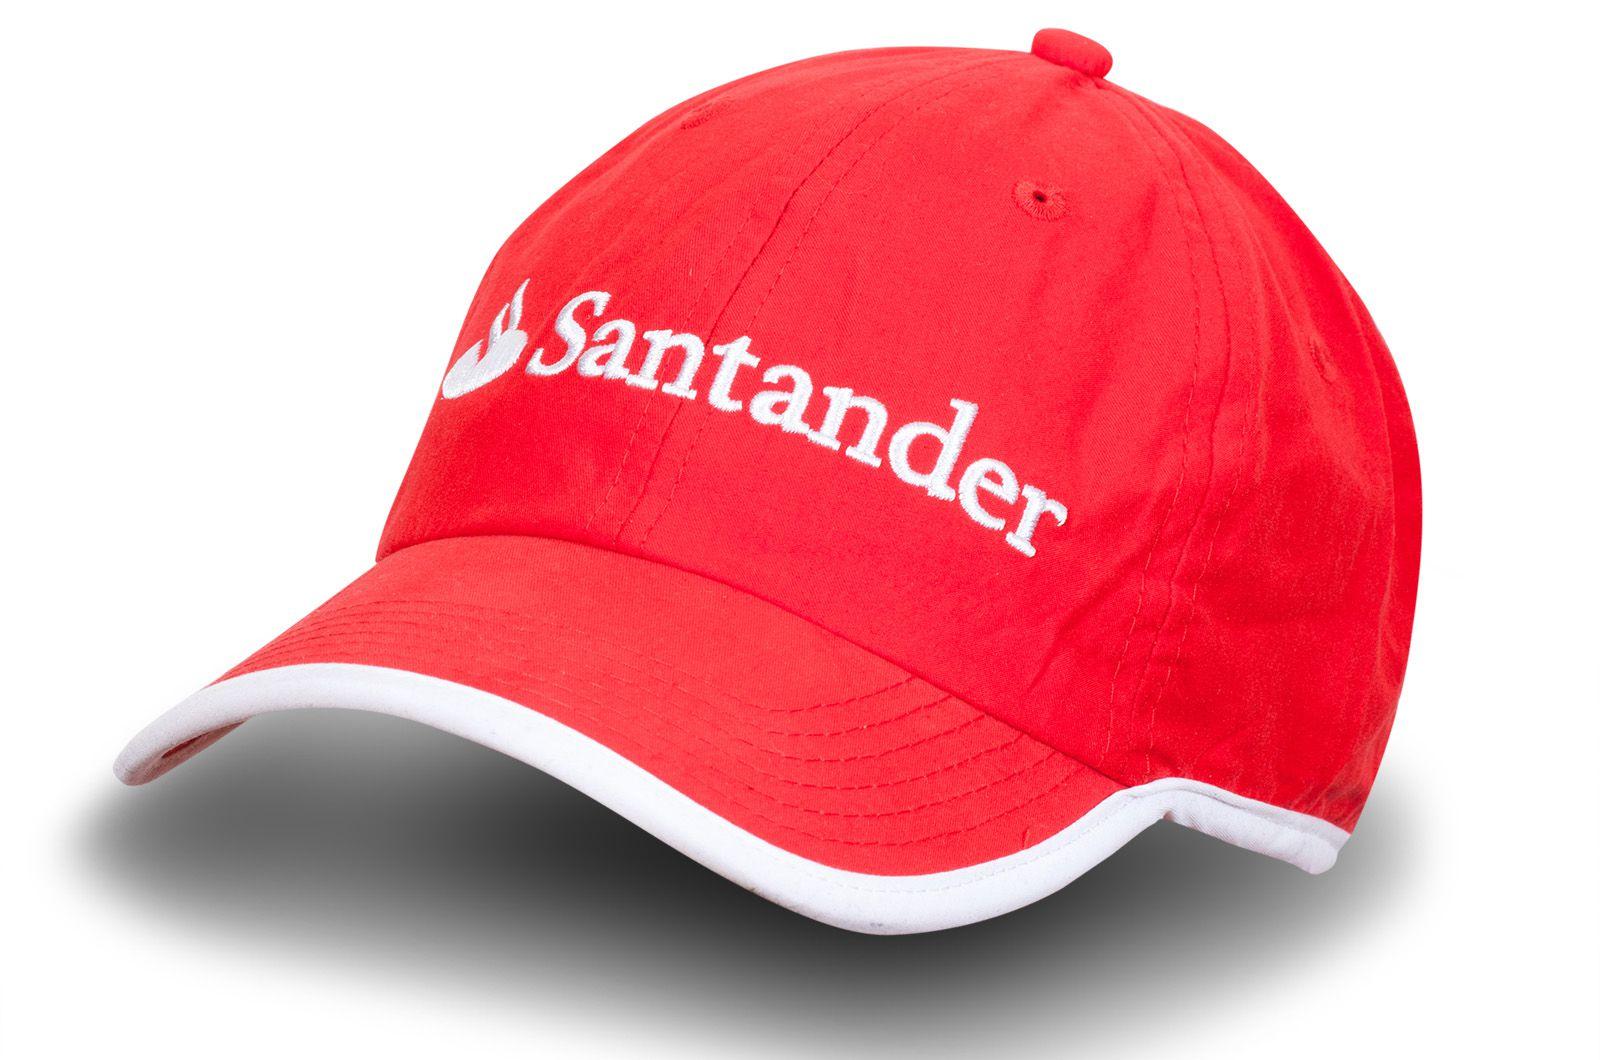 Бейсболка испанского бренда Santander - купить по лучшей цене